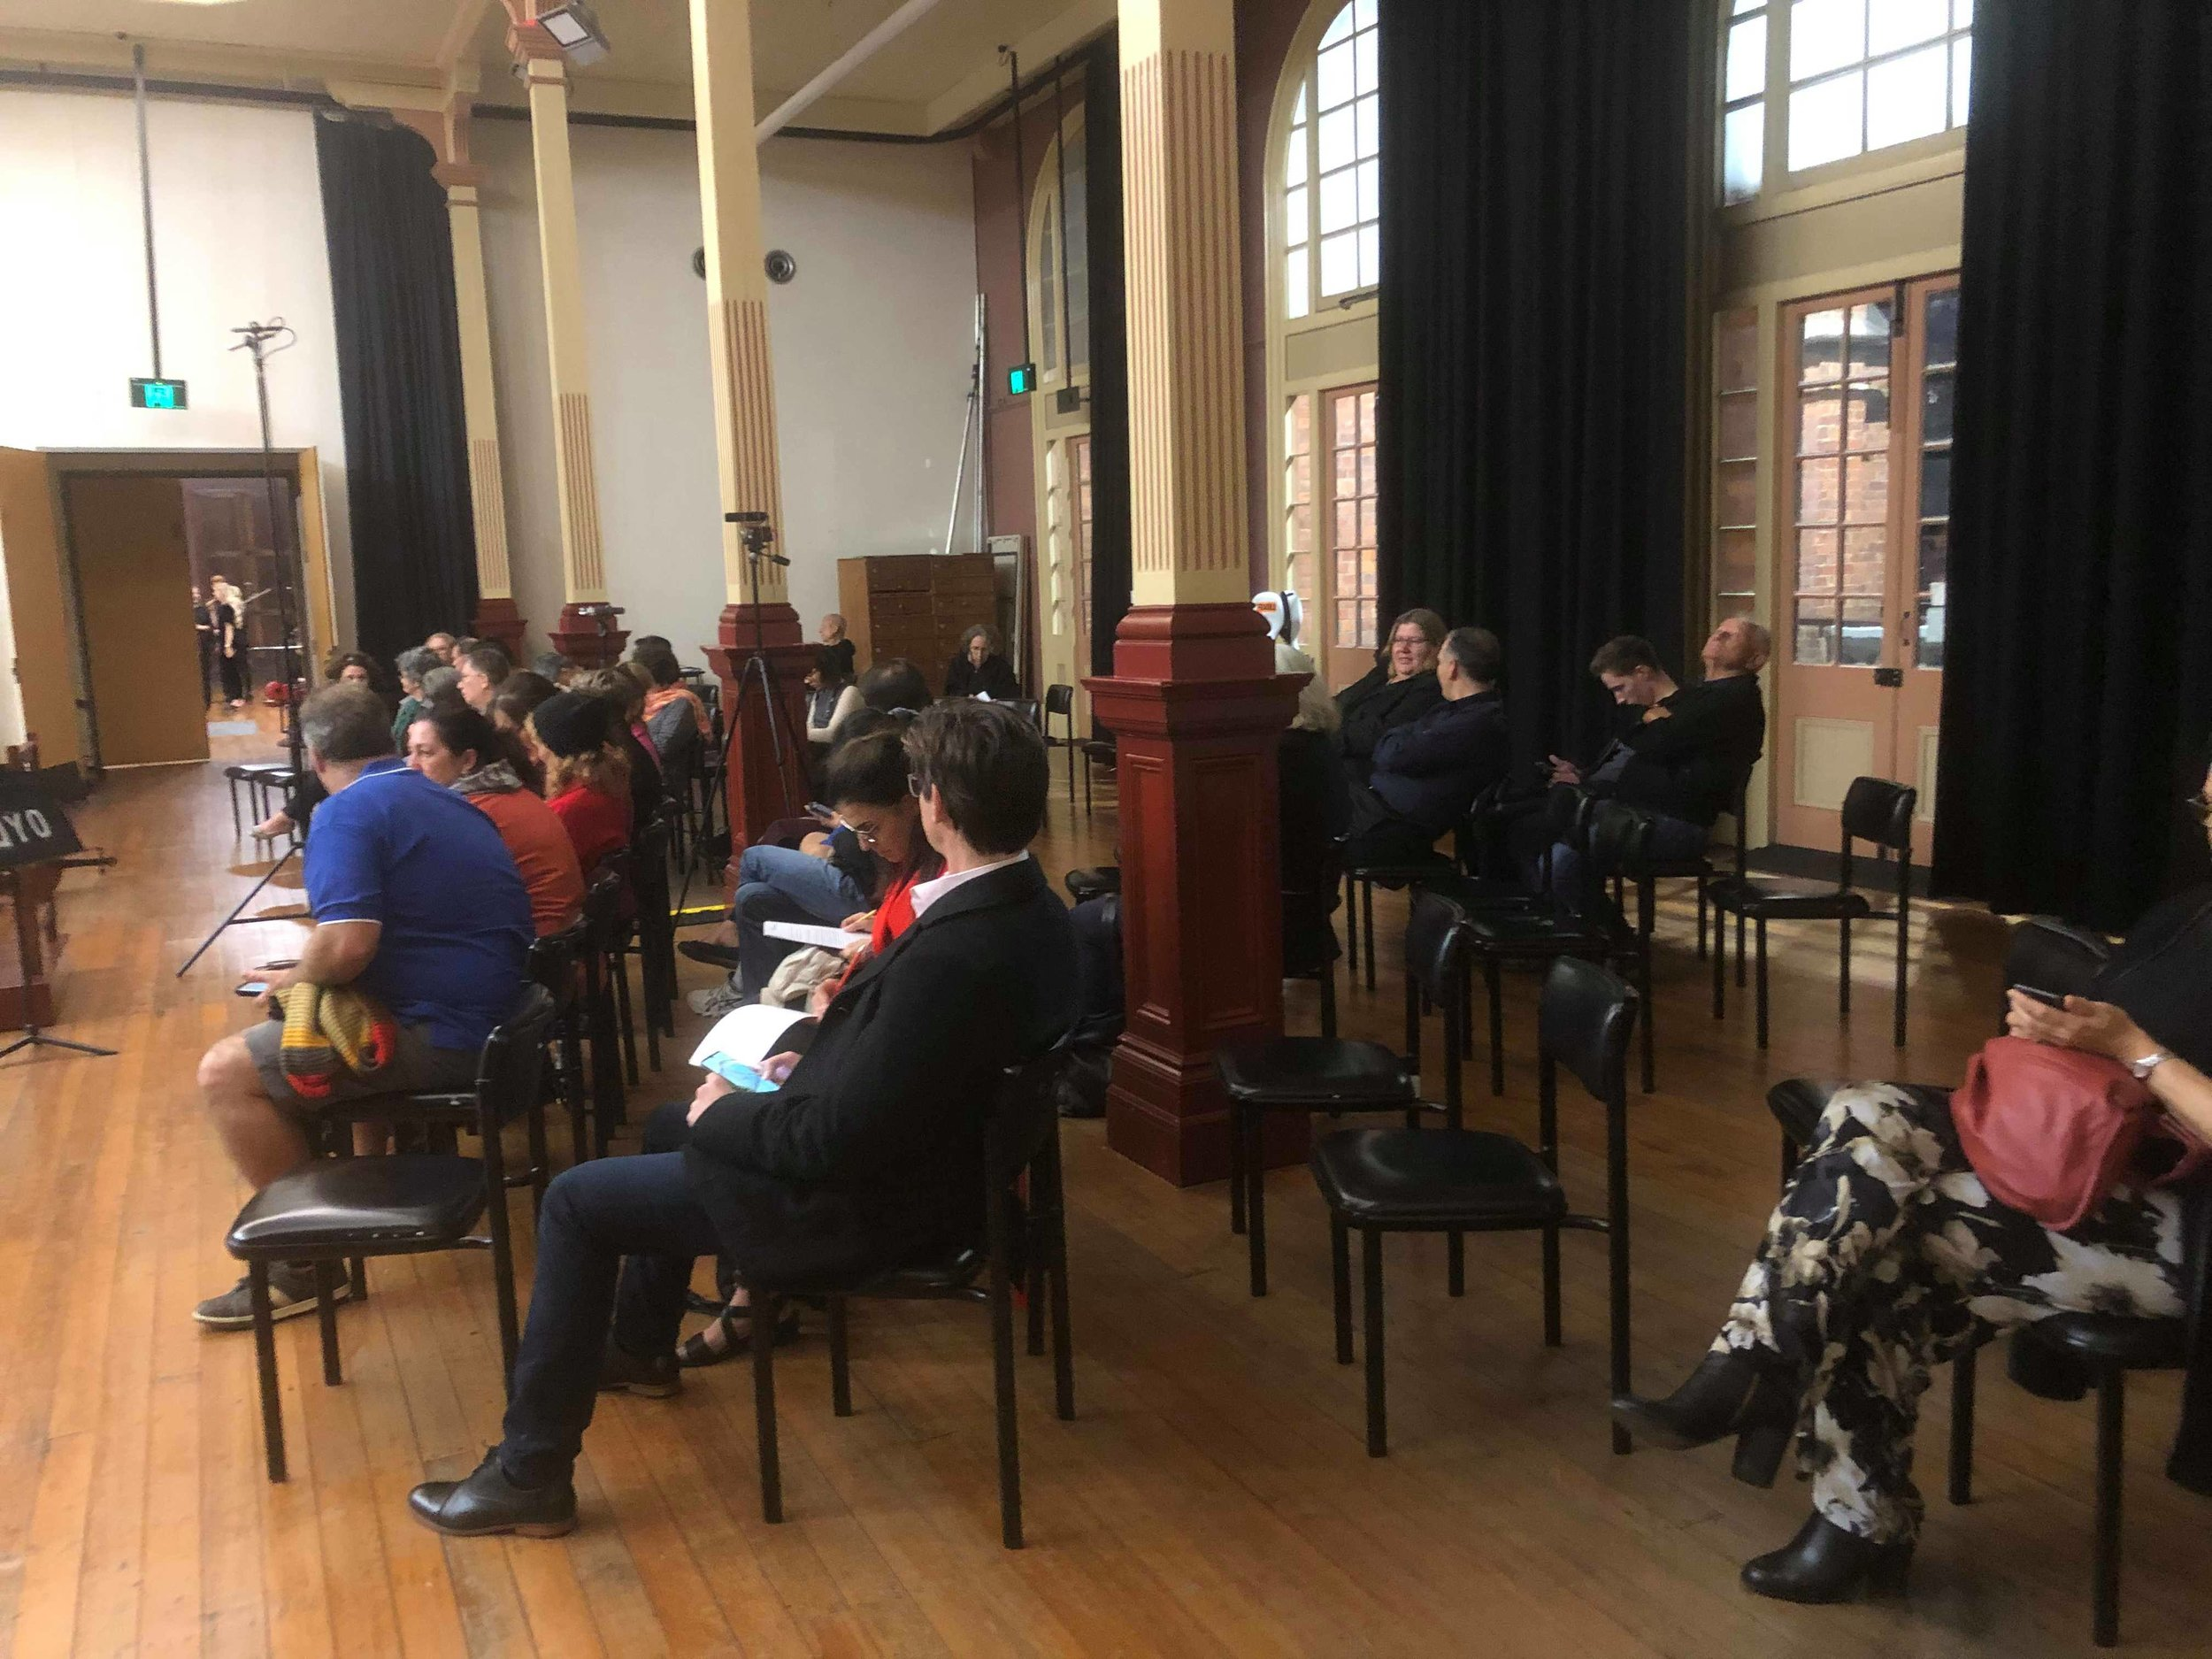 Photo of audience.jpg